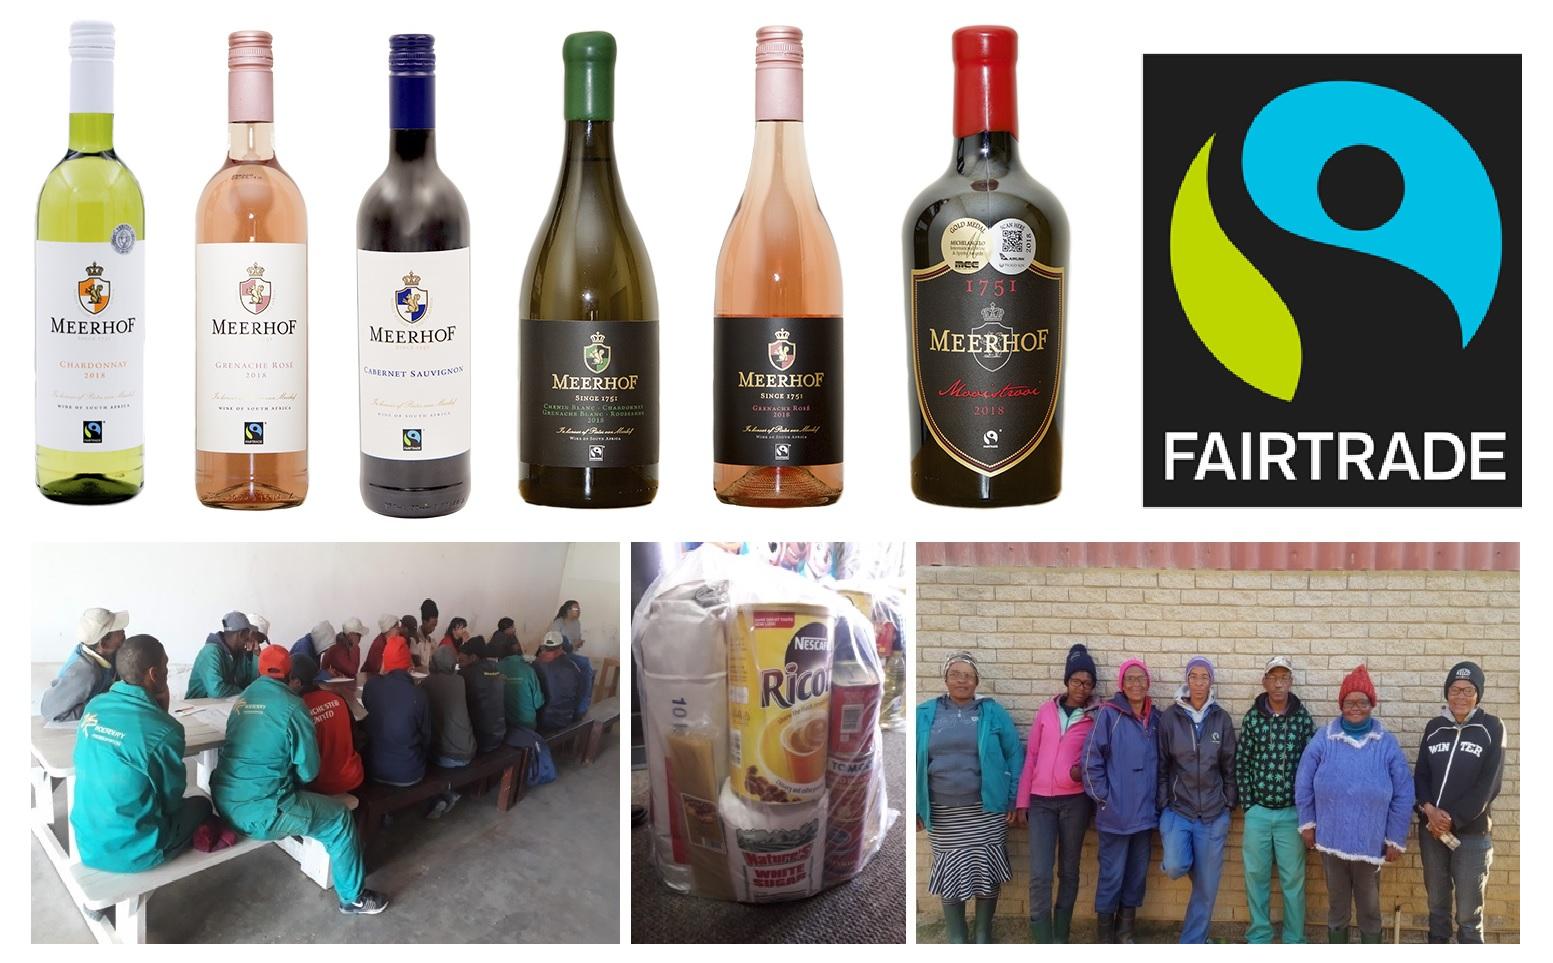 Meerhof Fairtrade Lineup